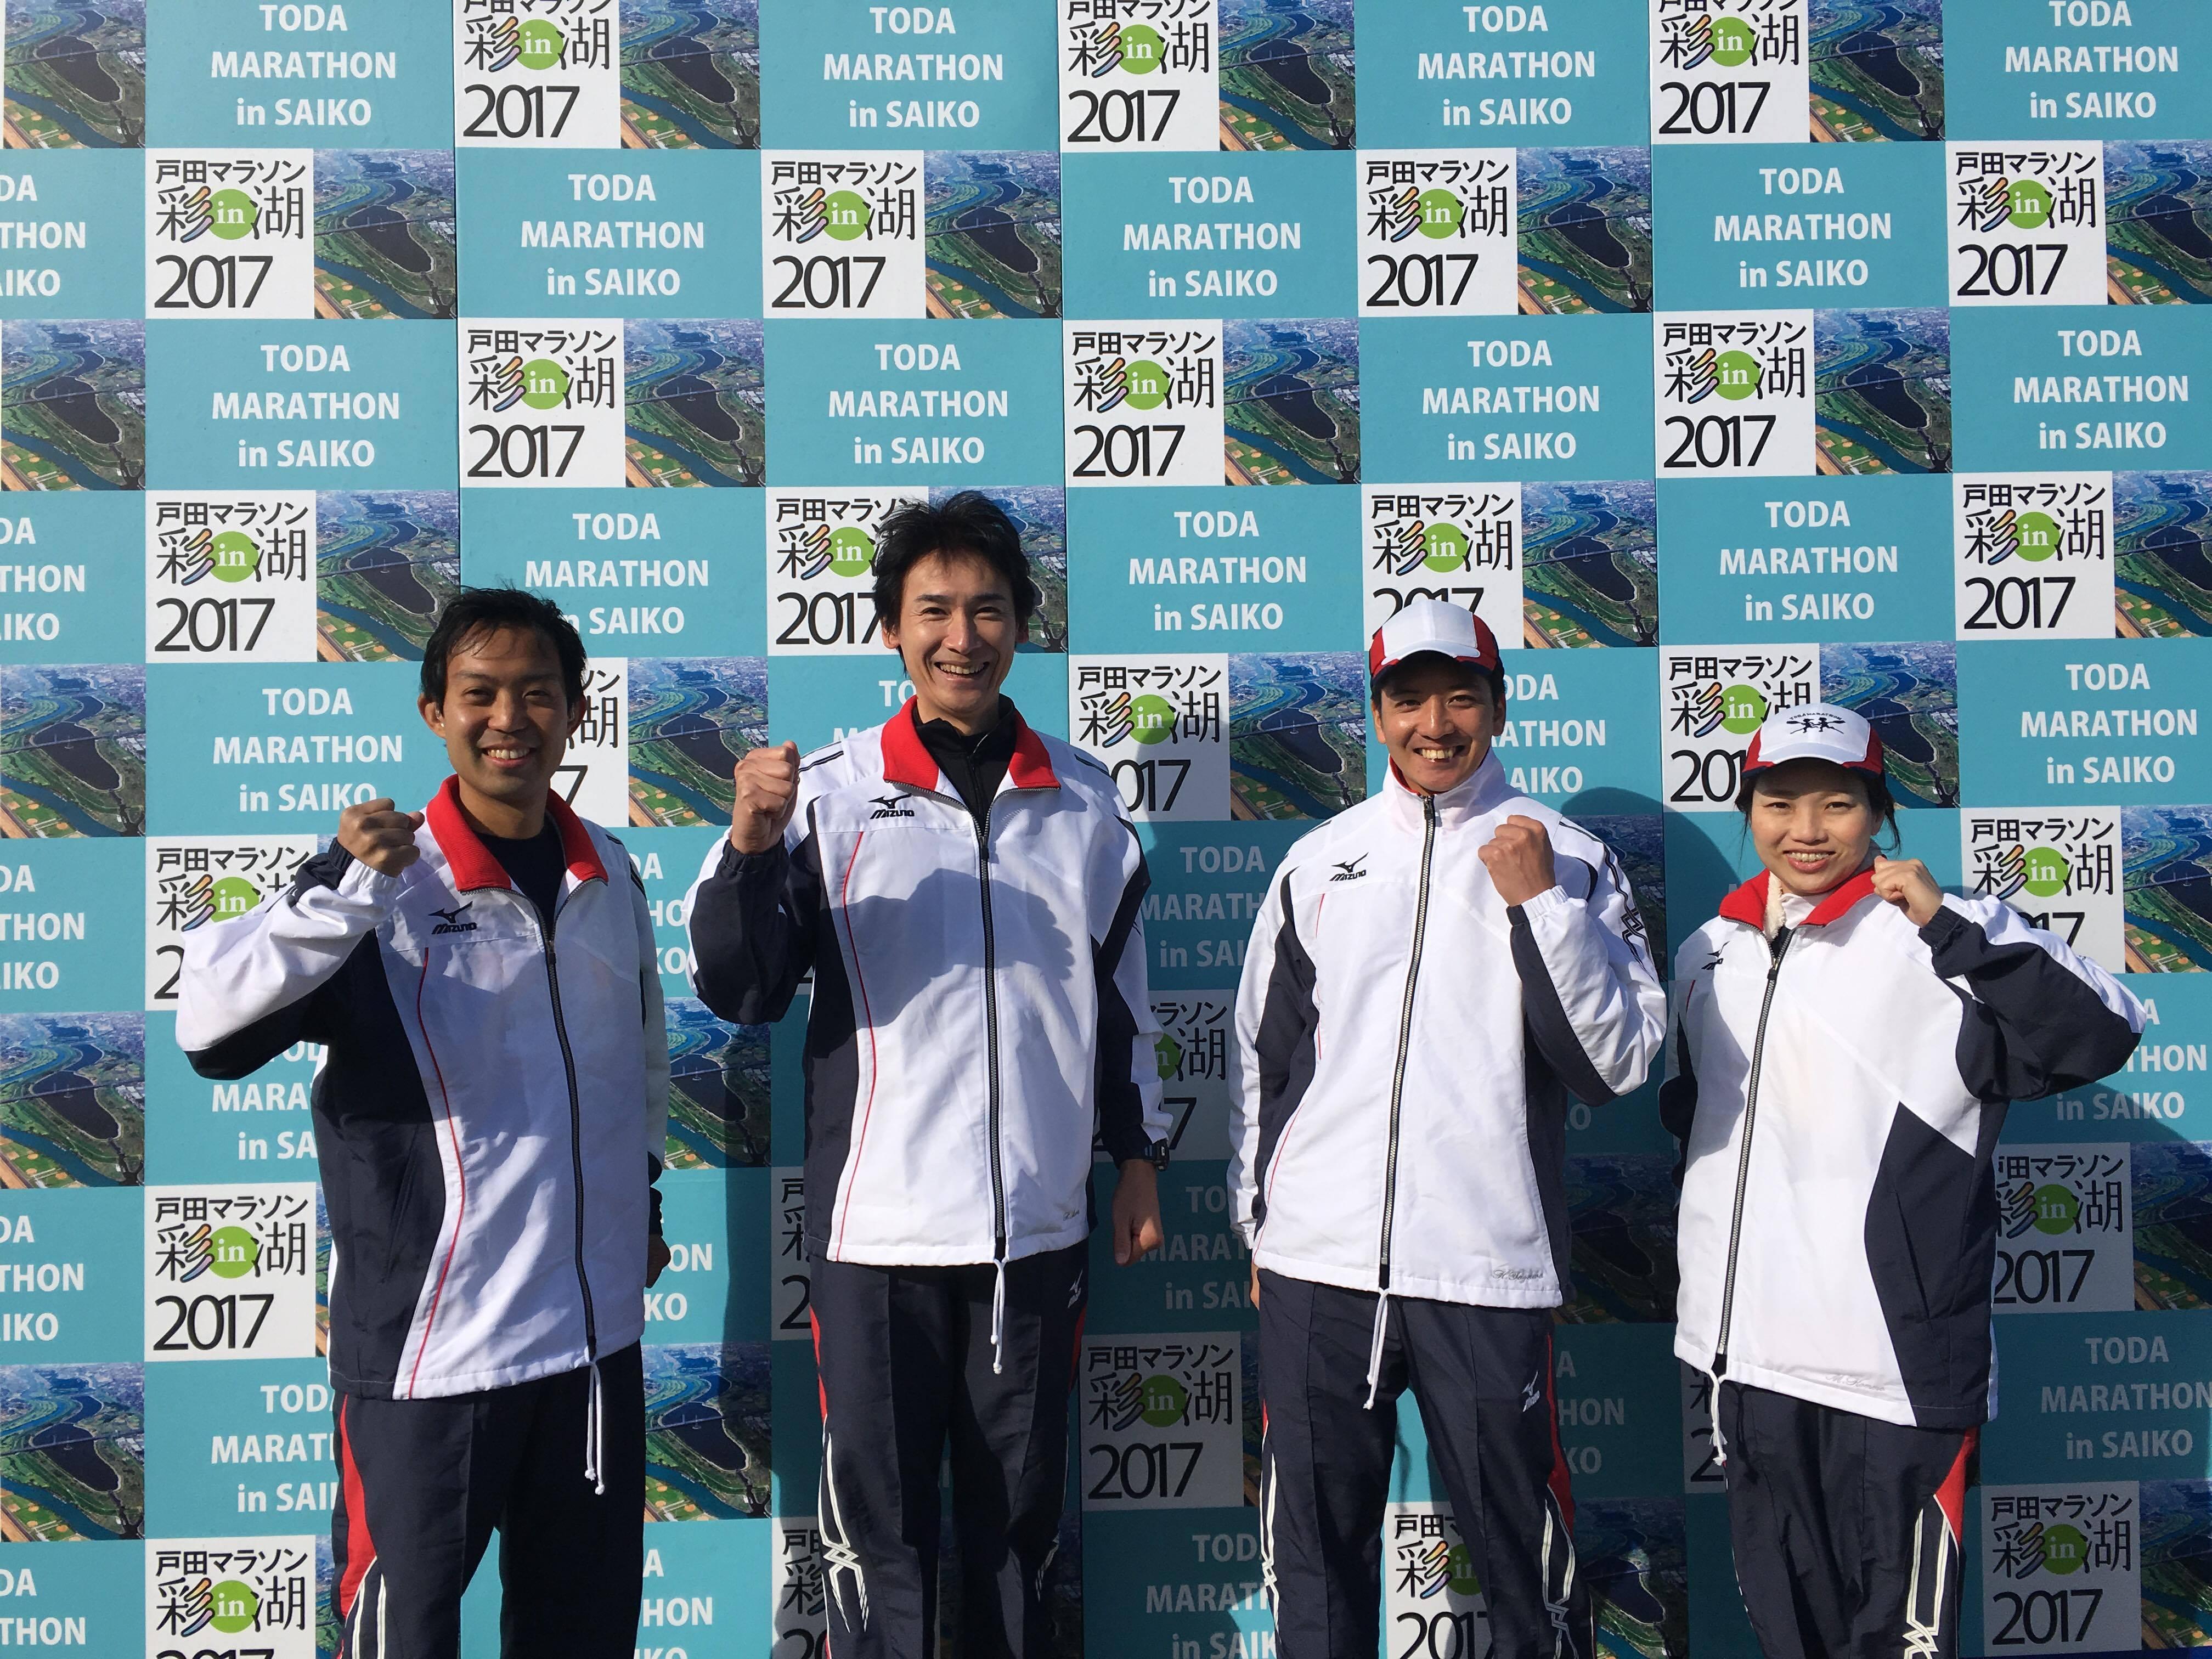 戸田マラソン2017